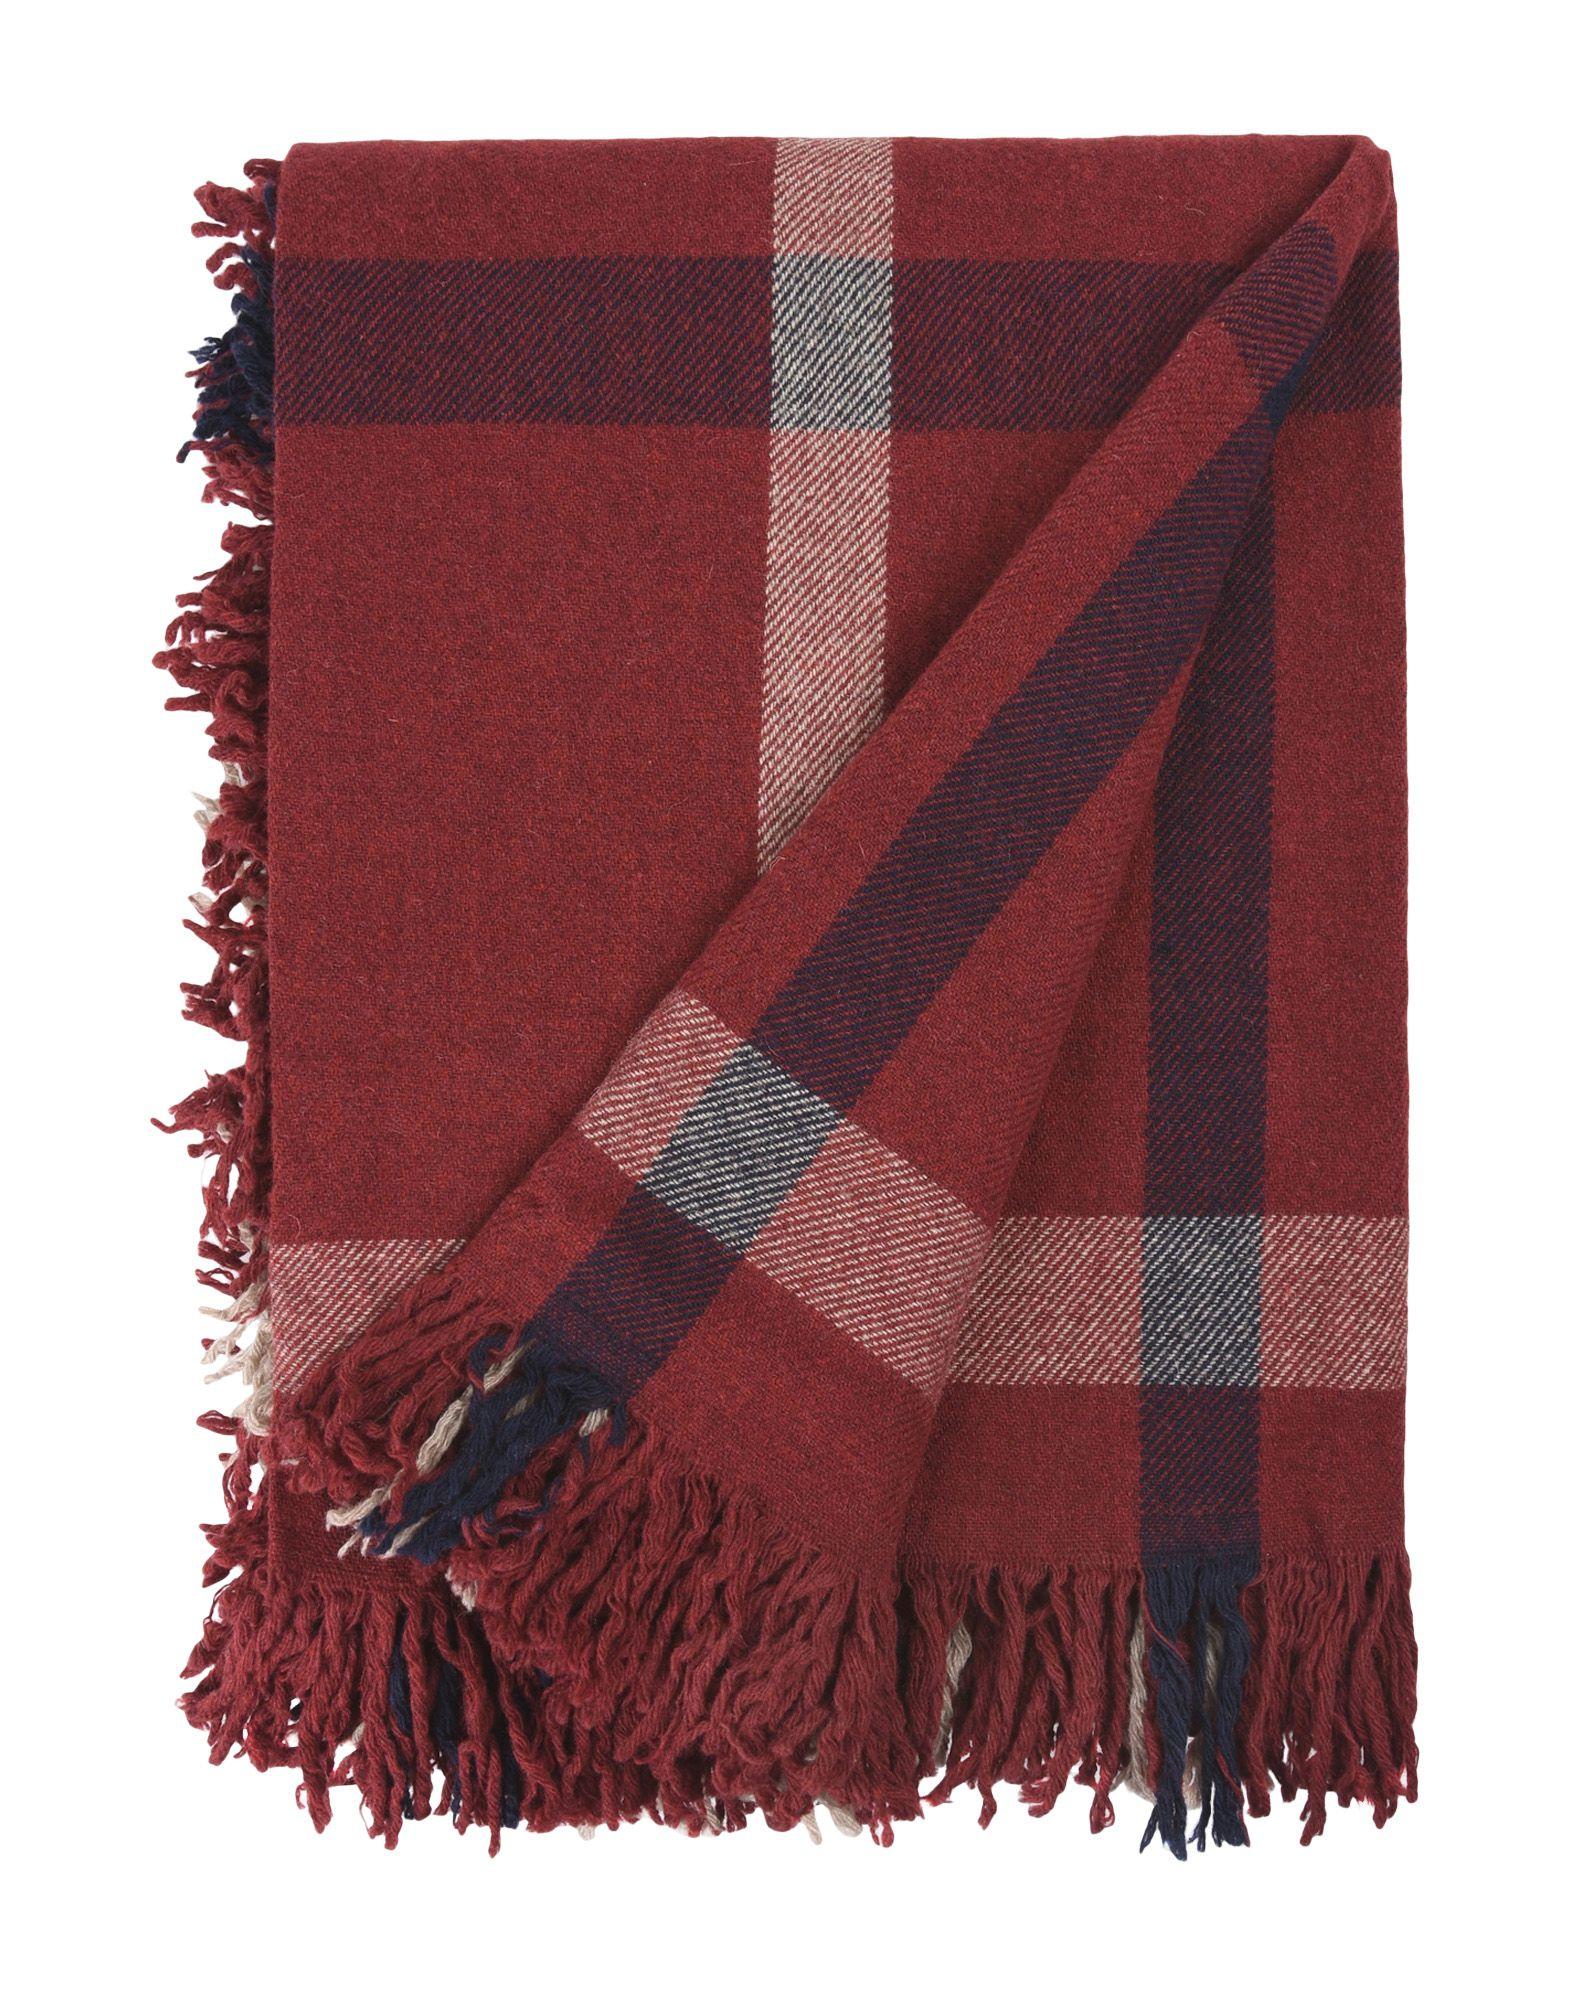 Lexington Blankets